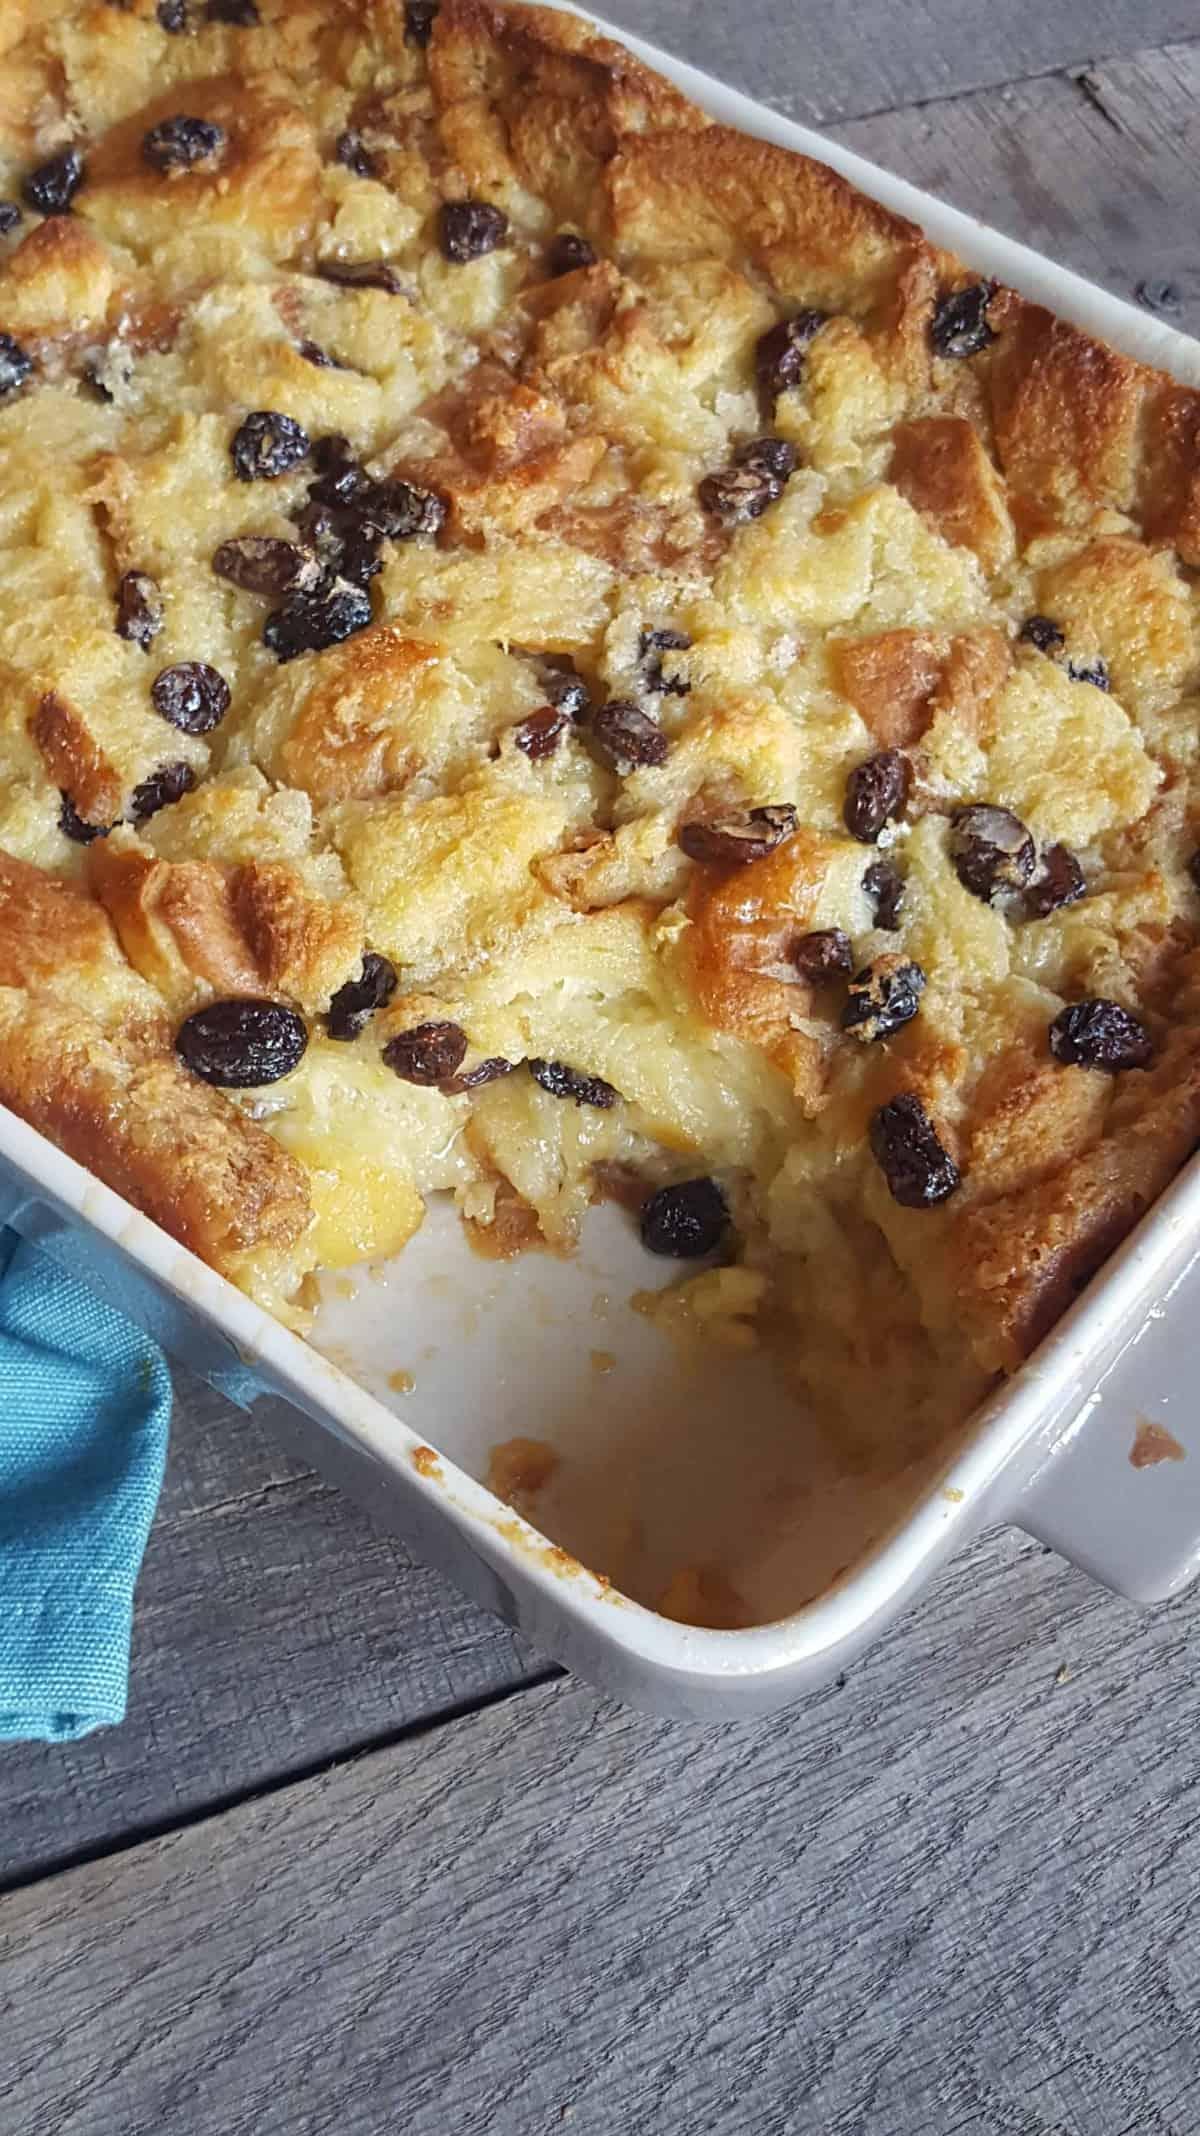 Bread Pudding with raisins in white casserole dish